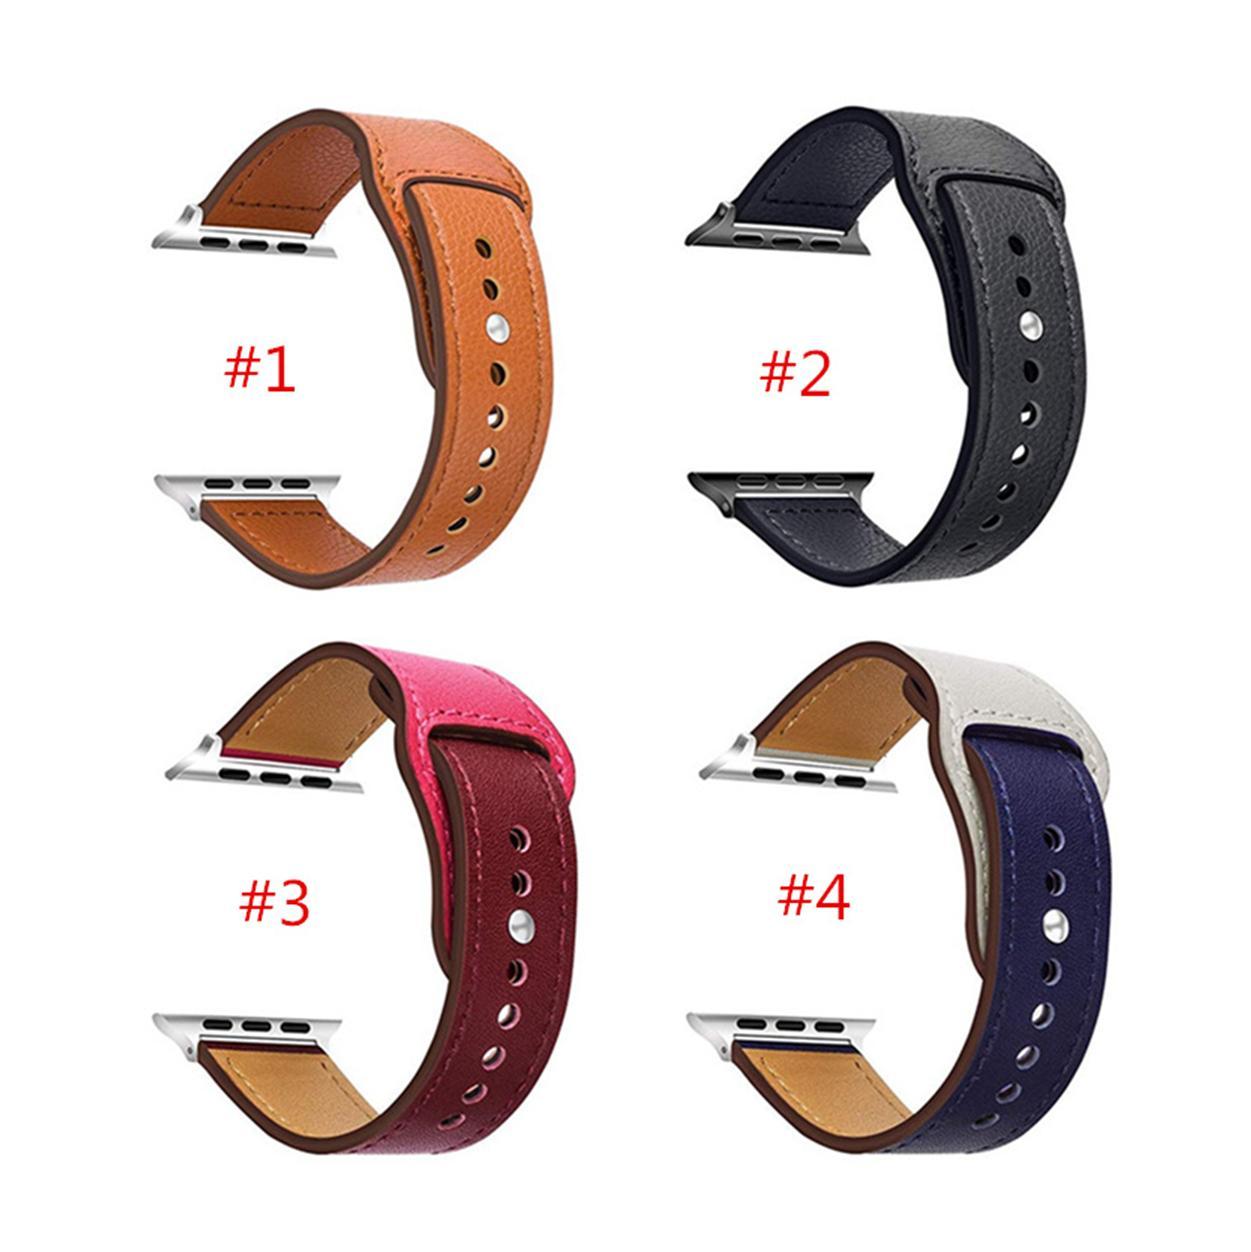 스포츠 실리콘 디자인 가죽 Wirst 밴드 시계 버클 밴드 애플 시계 스트랩 38 / 40mm 42 / 44mm 가죽 스트랩 iWatch 시리즈 2 3 4 5